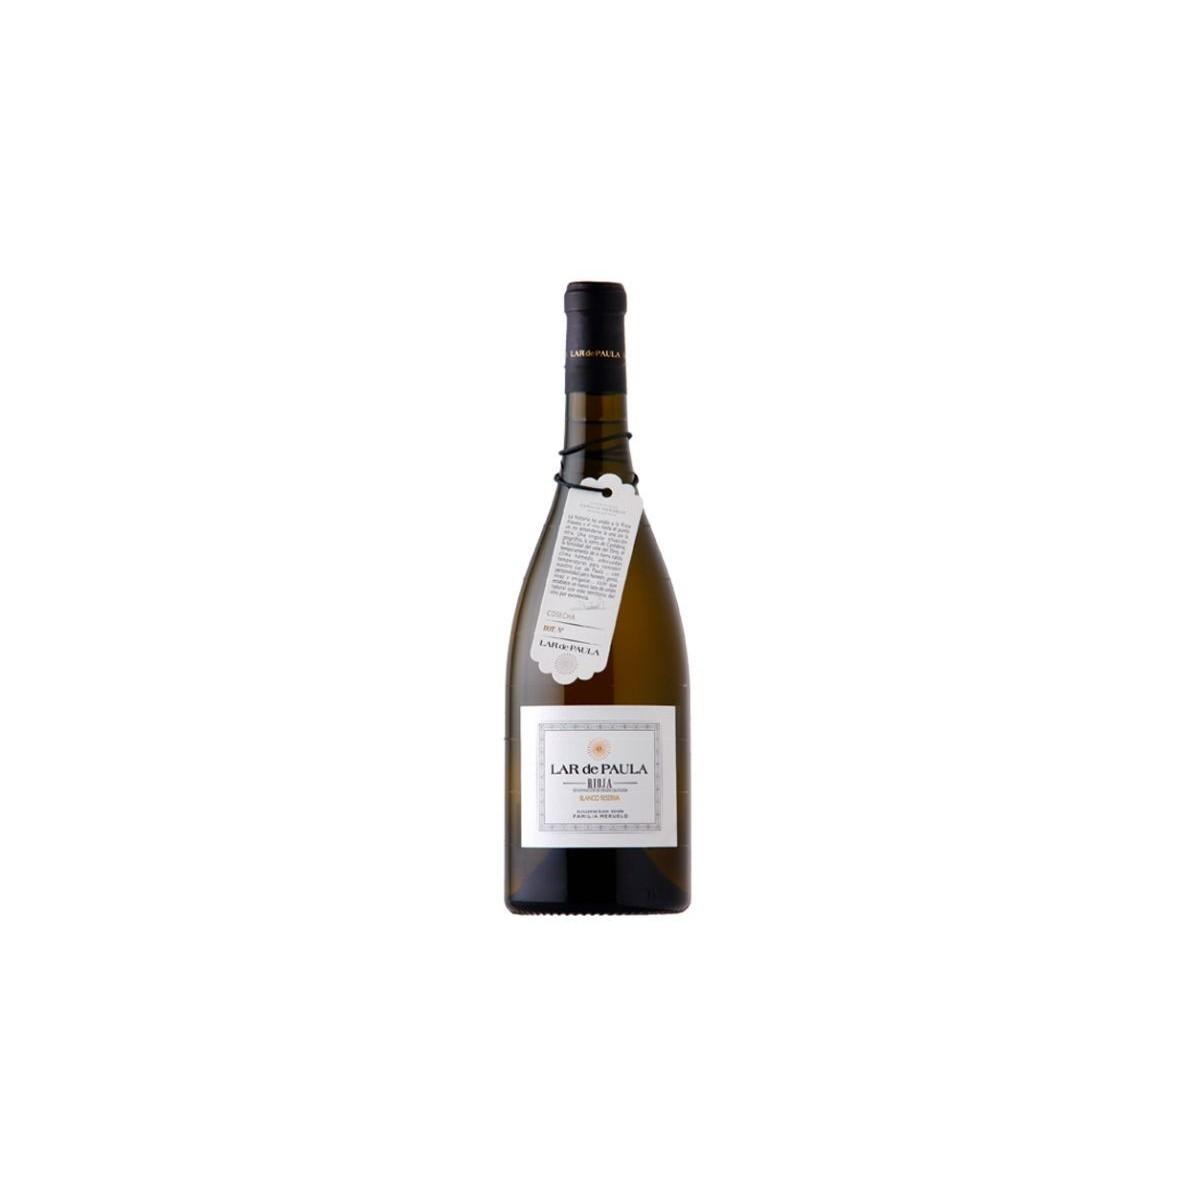 Vino Blanco Lar de Paula Reserva Edición Limitada